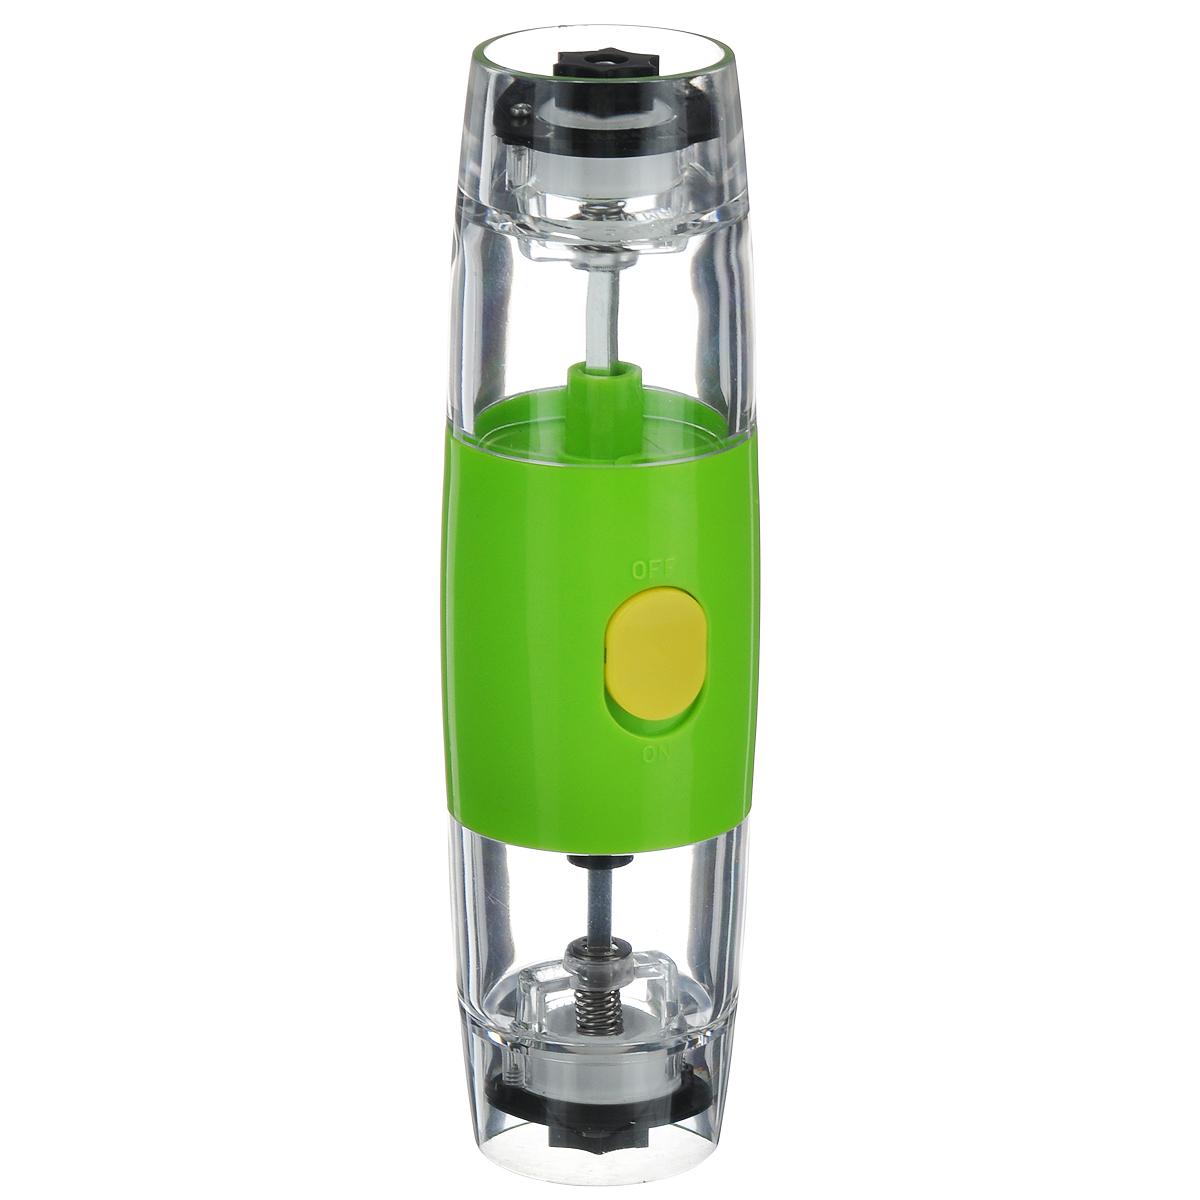 Электрическая мельница для соли и перца Mayer&Boch 2416724167Электрическая мельница Mayer&Boch - это просто незаменимая вещь на кухне любой современной хозяйки. Электрическая мельница с легкостью справится с горошинами перца или крупными кристаллами соли. Надежный и прочный механизм мельницы запускается при нажатии на кнопку. Мельница имеет регулировку степени измельчения. С такой удобной и функциональной мельницей, приготовление и употребление пищи переходит на качественно новый уровень. Работает от батареек АAА (не входят в комплект).Мельница электрическая МВ (х24).Цвет: зеленый, прозрачный, черный.Материал корпуса: керамика.Внутренняя стенка: АБС-пластик.Контейнер: акрил.Поверхность: АБС-пластик. Мелющий механизм: нержавеющая сталь. Тип питания: 4 батарейки типа АА.Размер упаковки: 6,3 х 6,3 х 21 см.